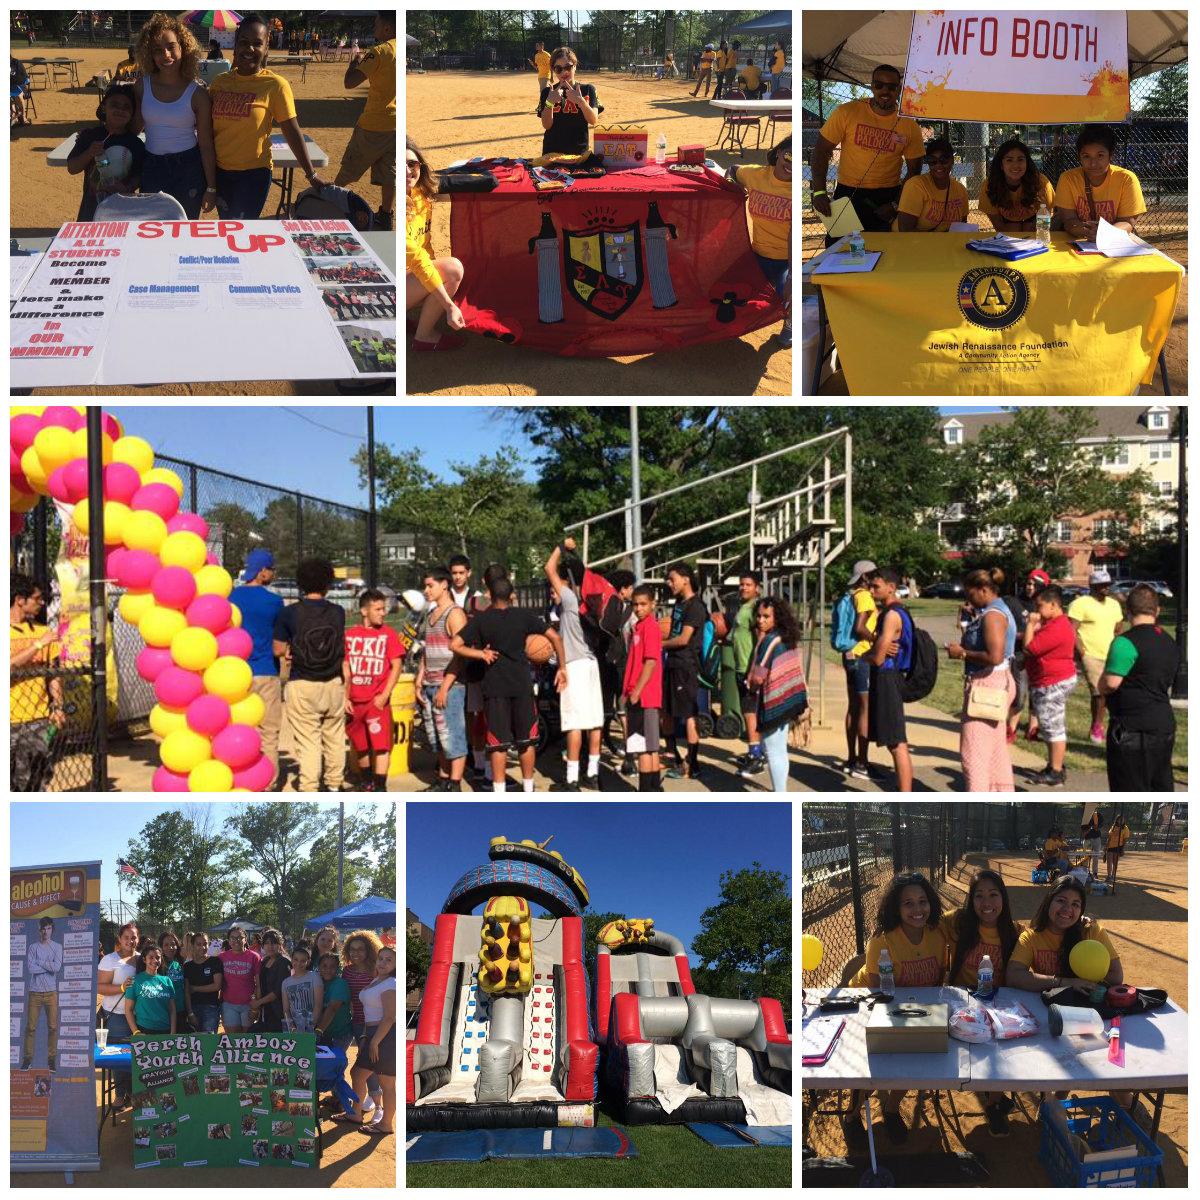 No Booza Palooza Teen Festival 2016